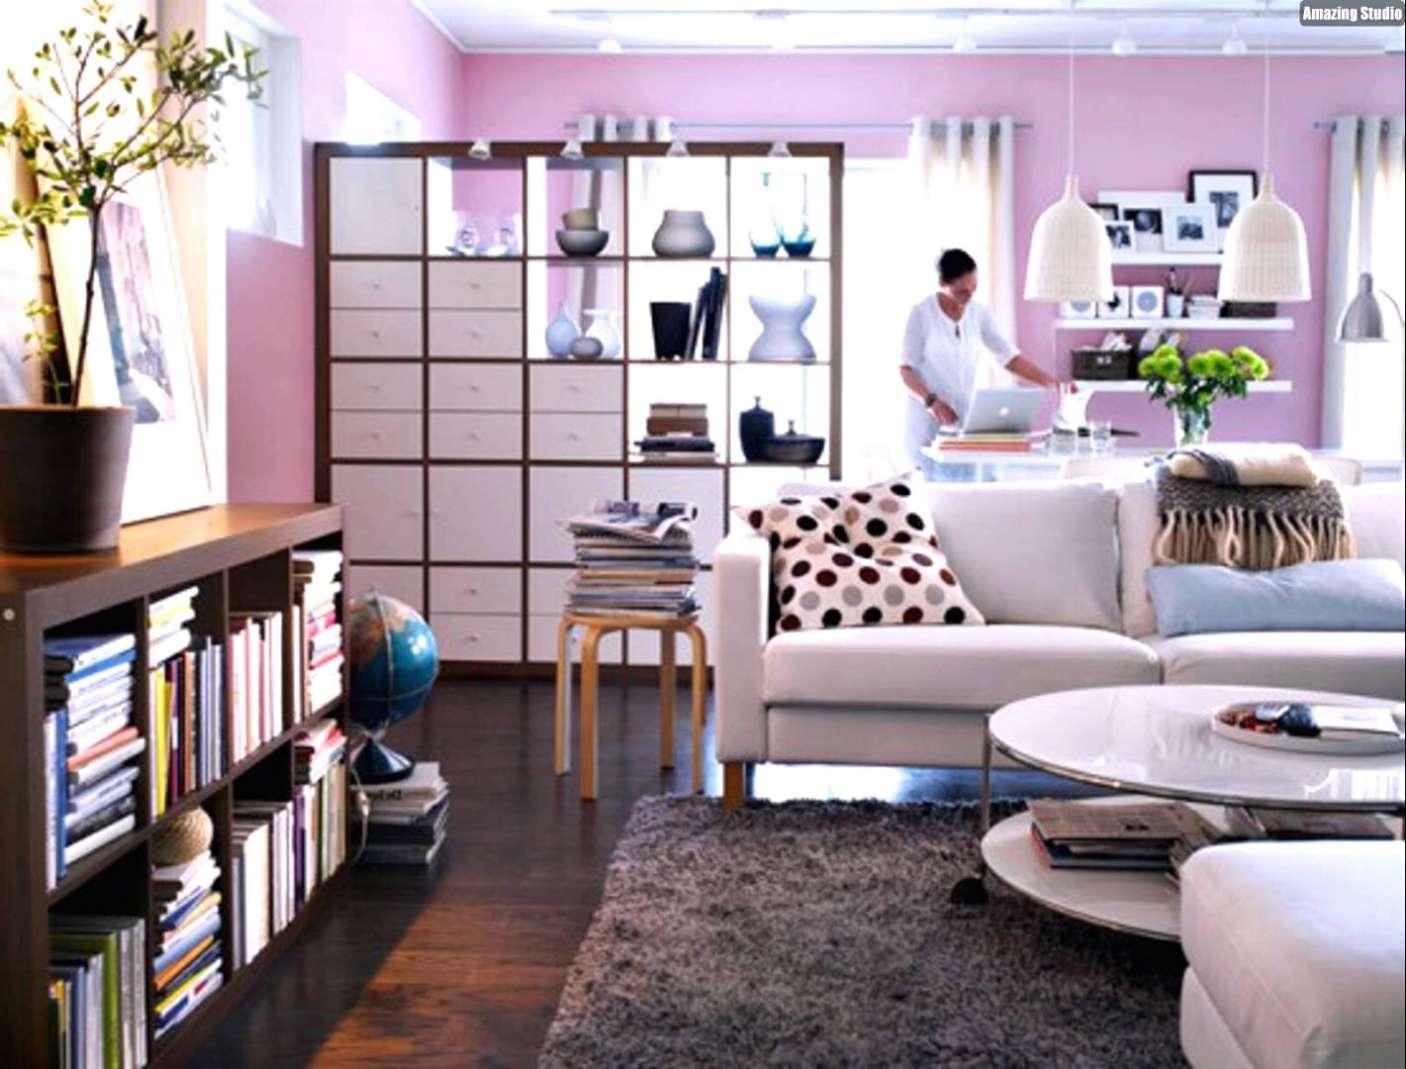 1 Zimmer Wohnung Einrichten Ikea Home Ideen